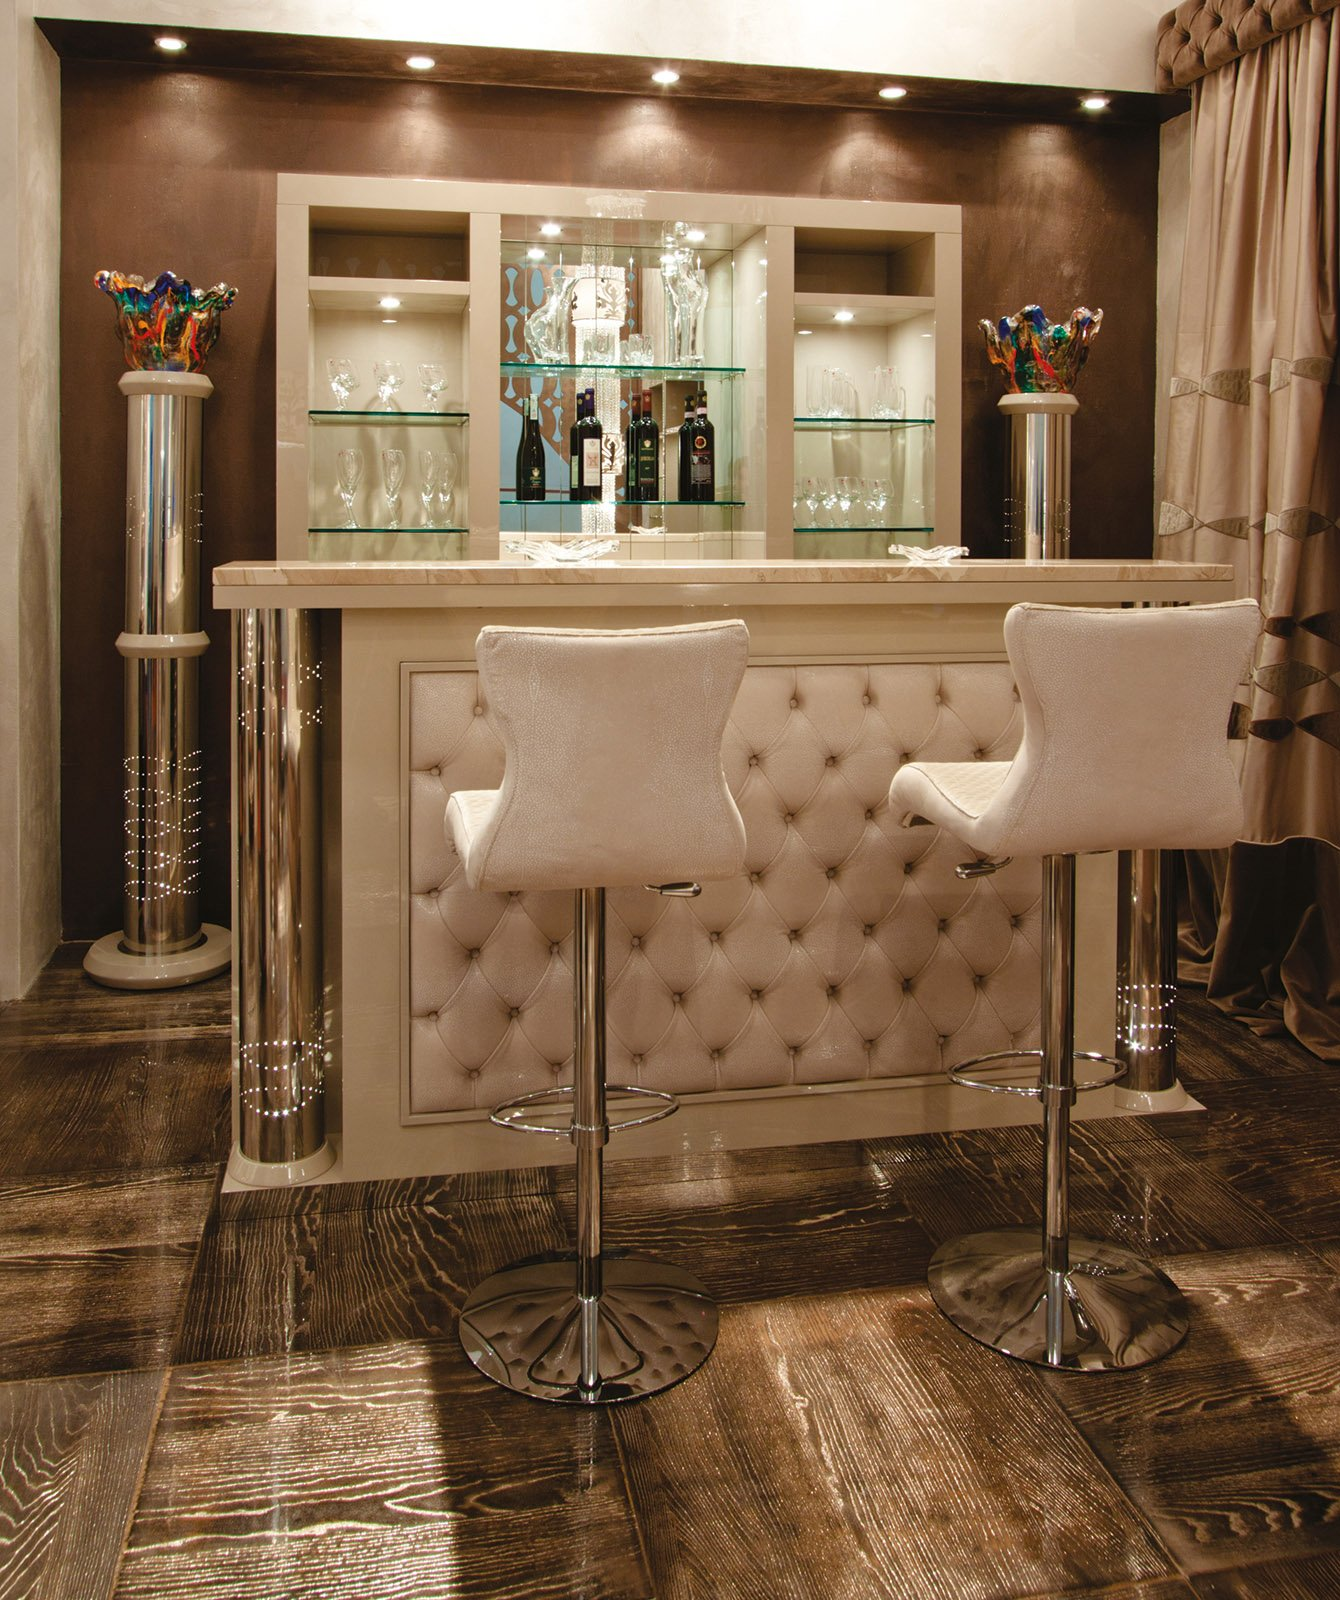 Mobile bar a casa per brindare e fare festa con amici e parenti cose di casa - Angolo bar a casa ...